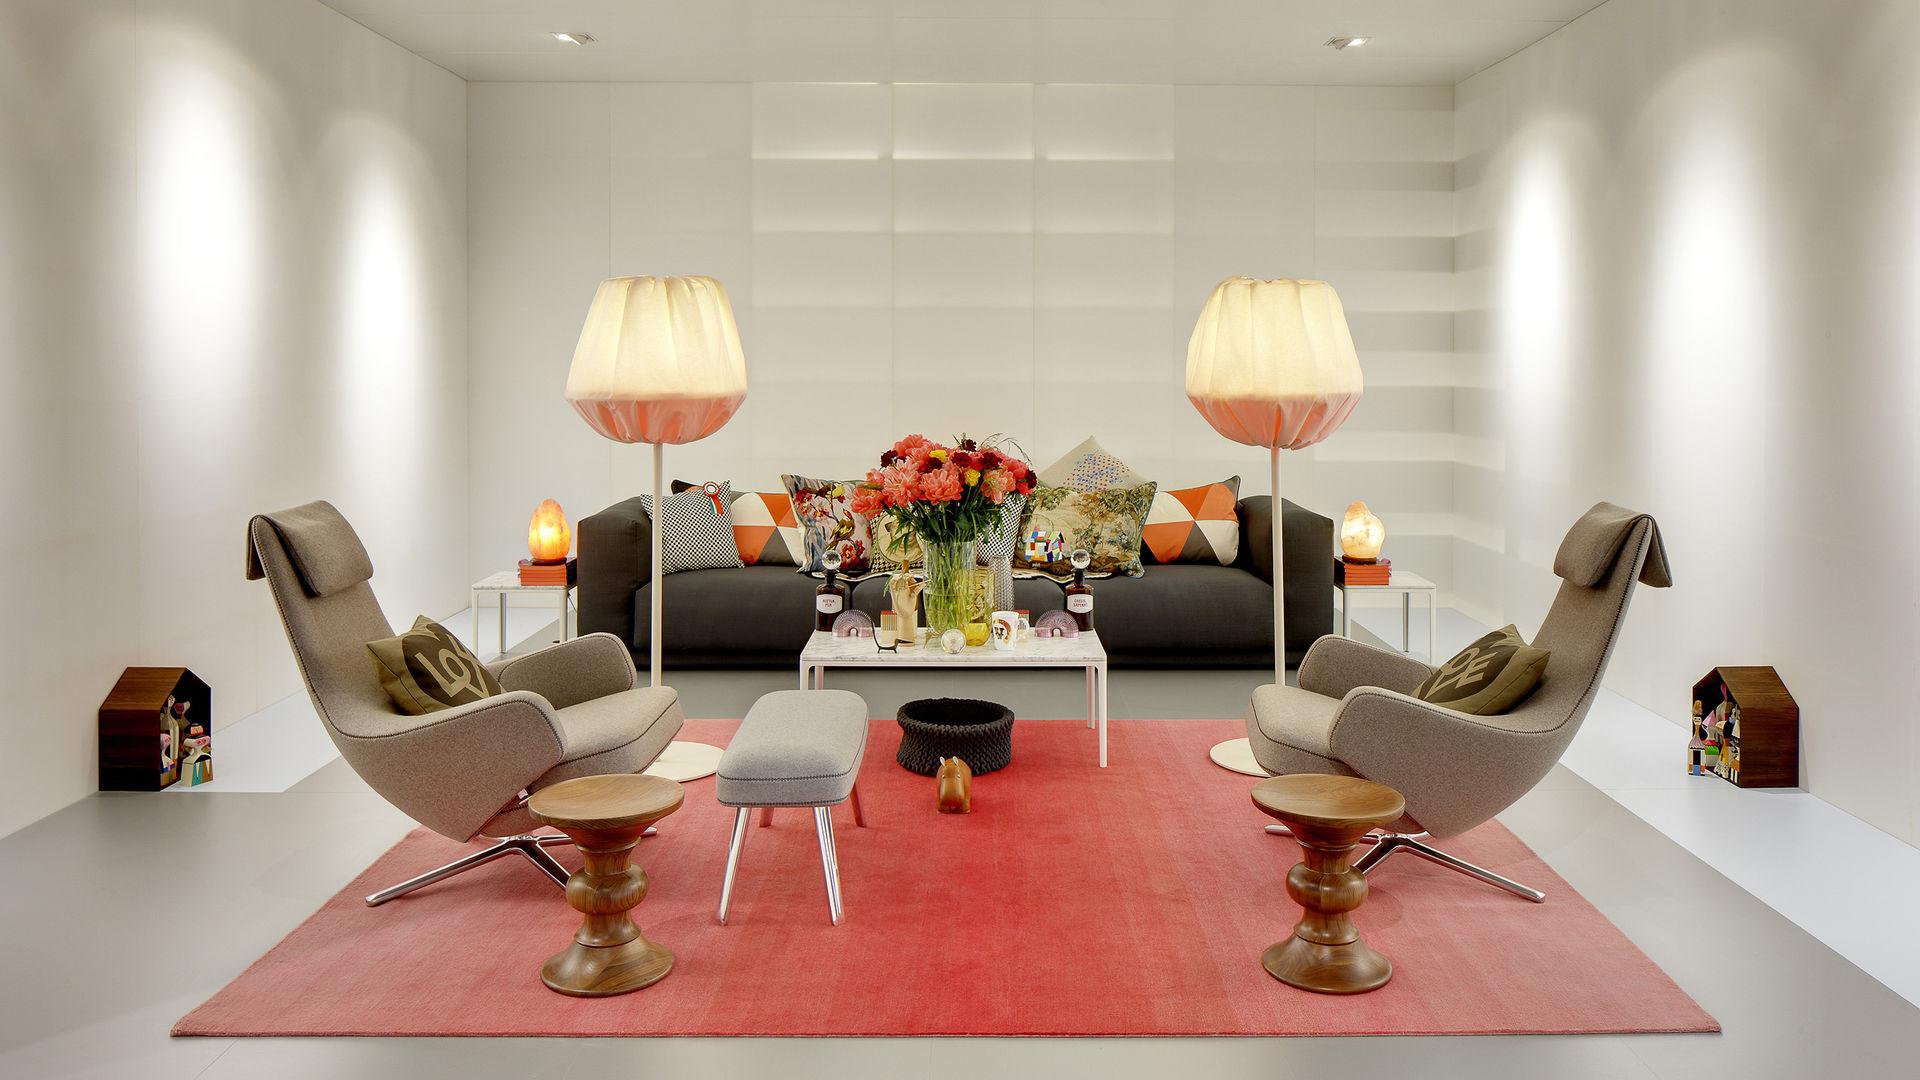 panche-lusso-design-mobili-arredamento-progettazione-interni-lecce-brindisi-taranto